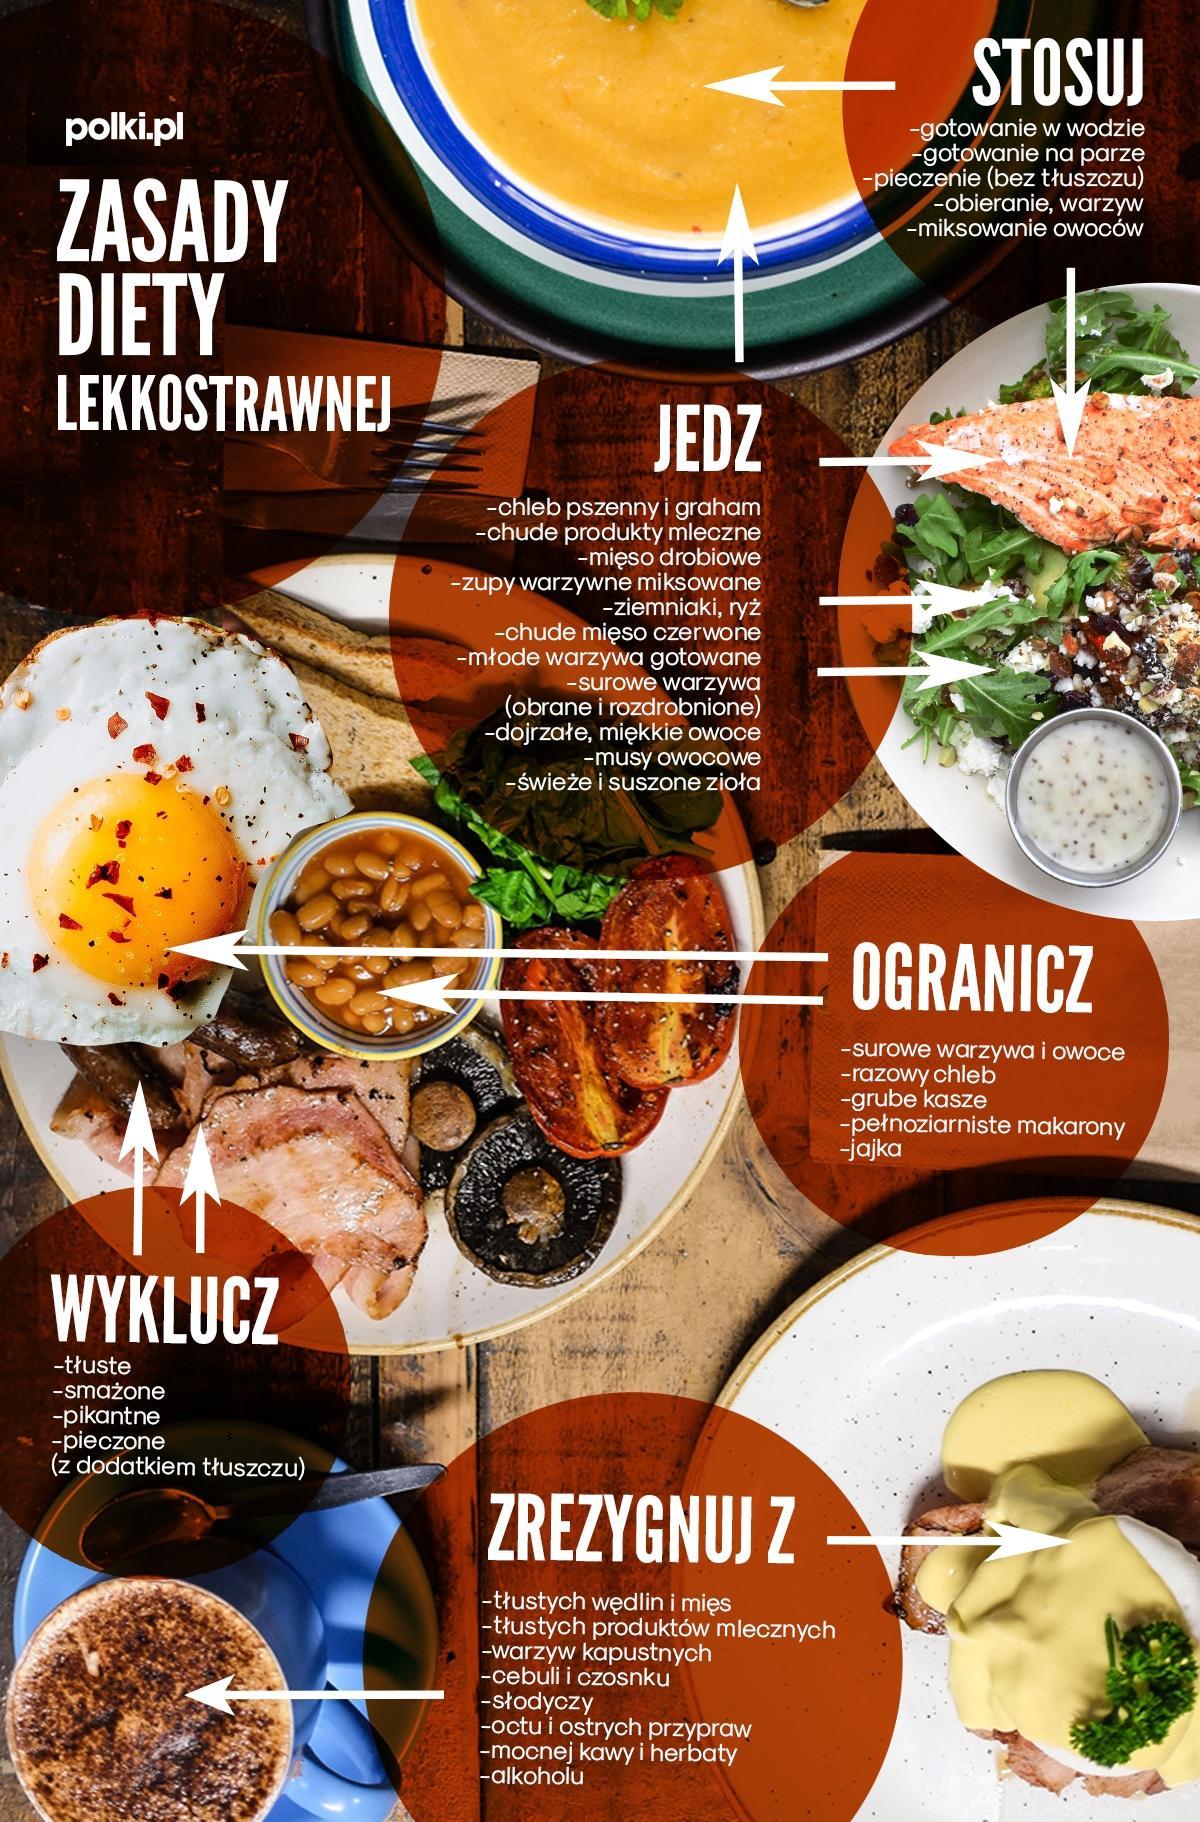 Dieta lekkostrawna - zasady diety łatwostrawnej na infografice